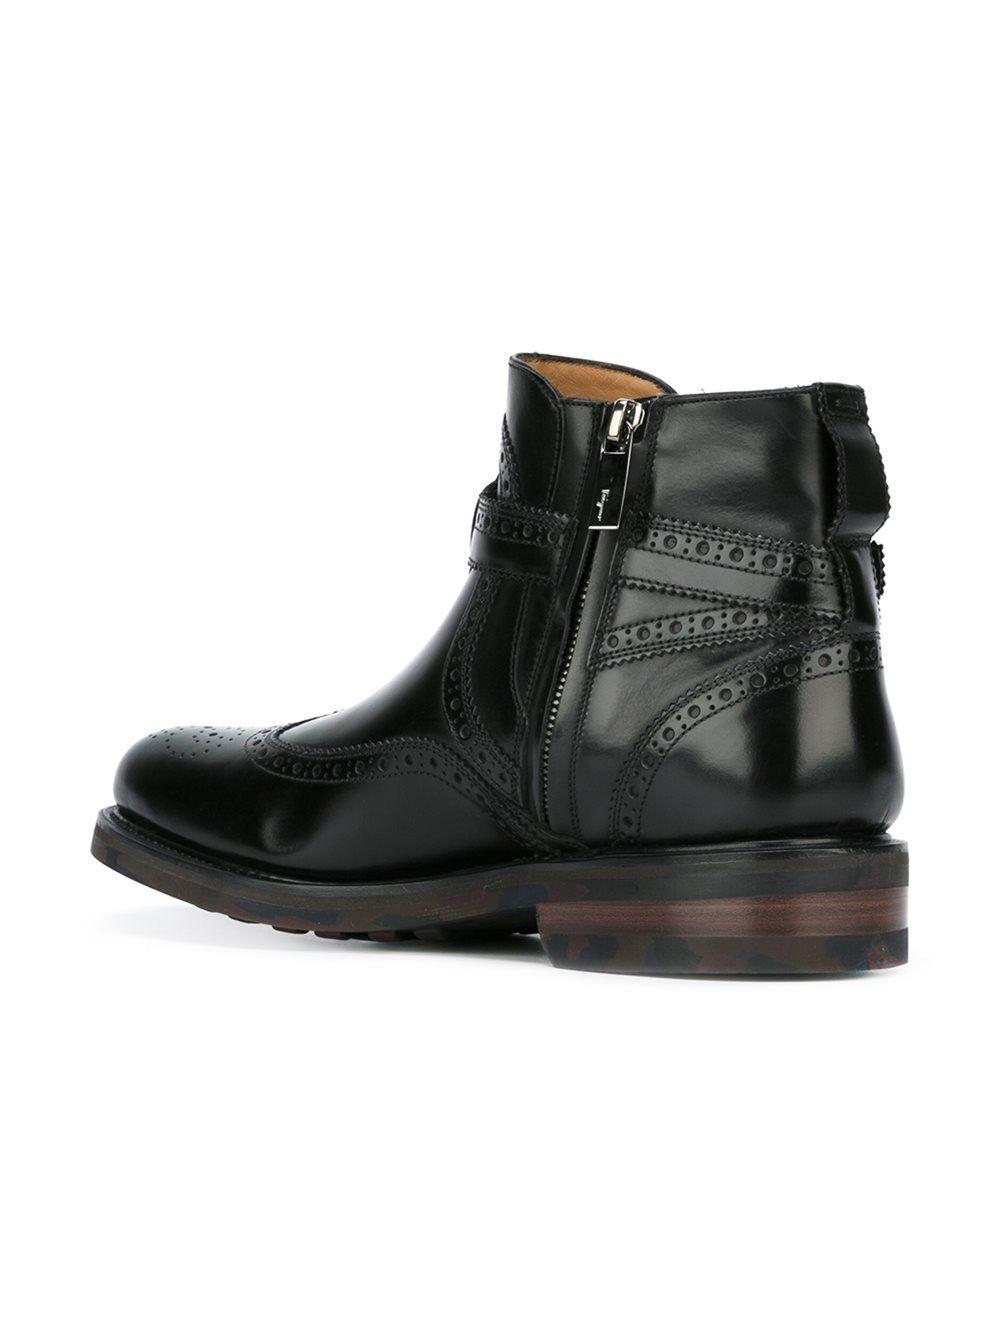 c7b58a5d5f8 Salvatore Ferragamo buckled boots Botas Con Hebillas